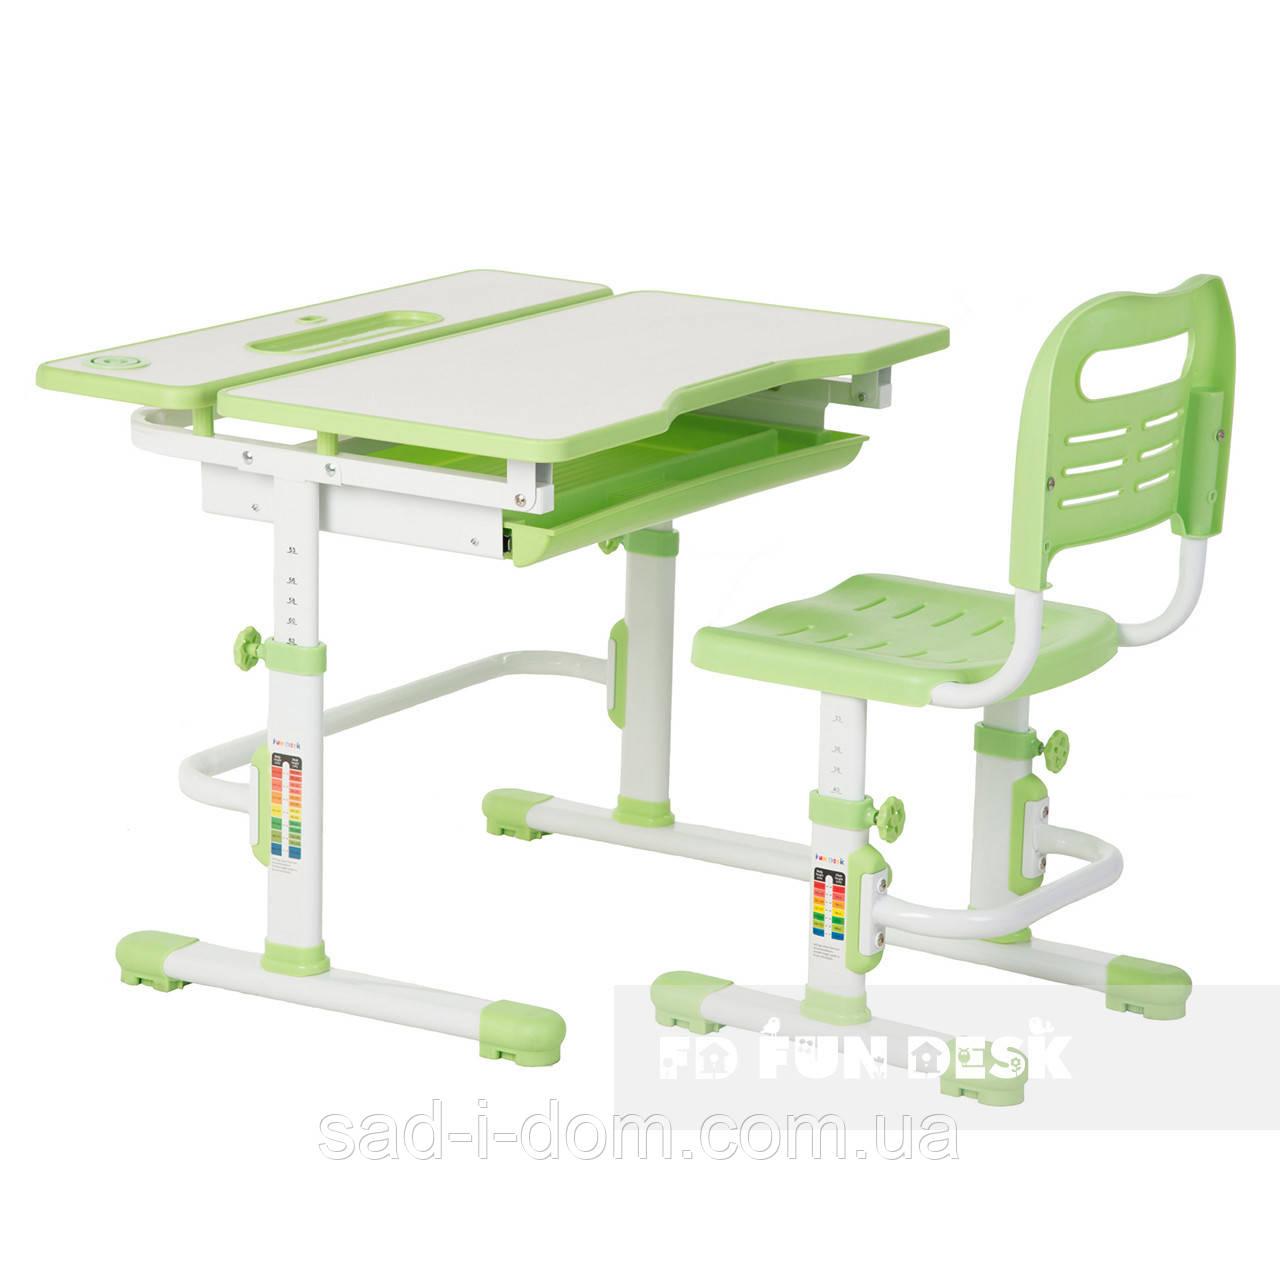 Парта для школьника и стул Fundesk Lavoro, зеленая